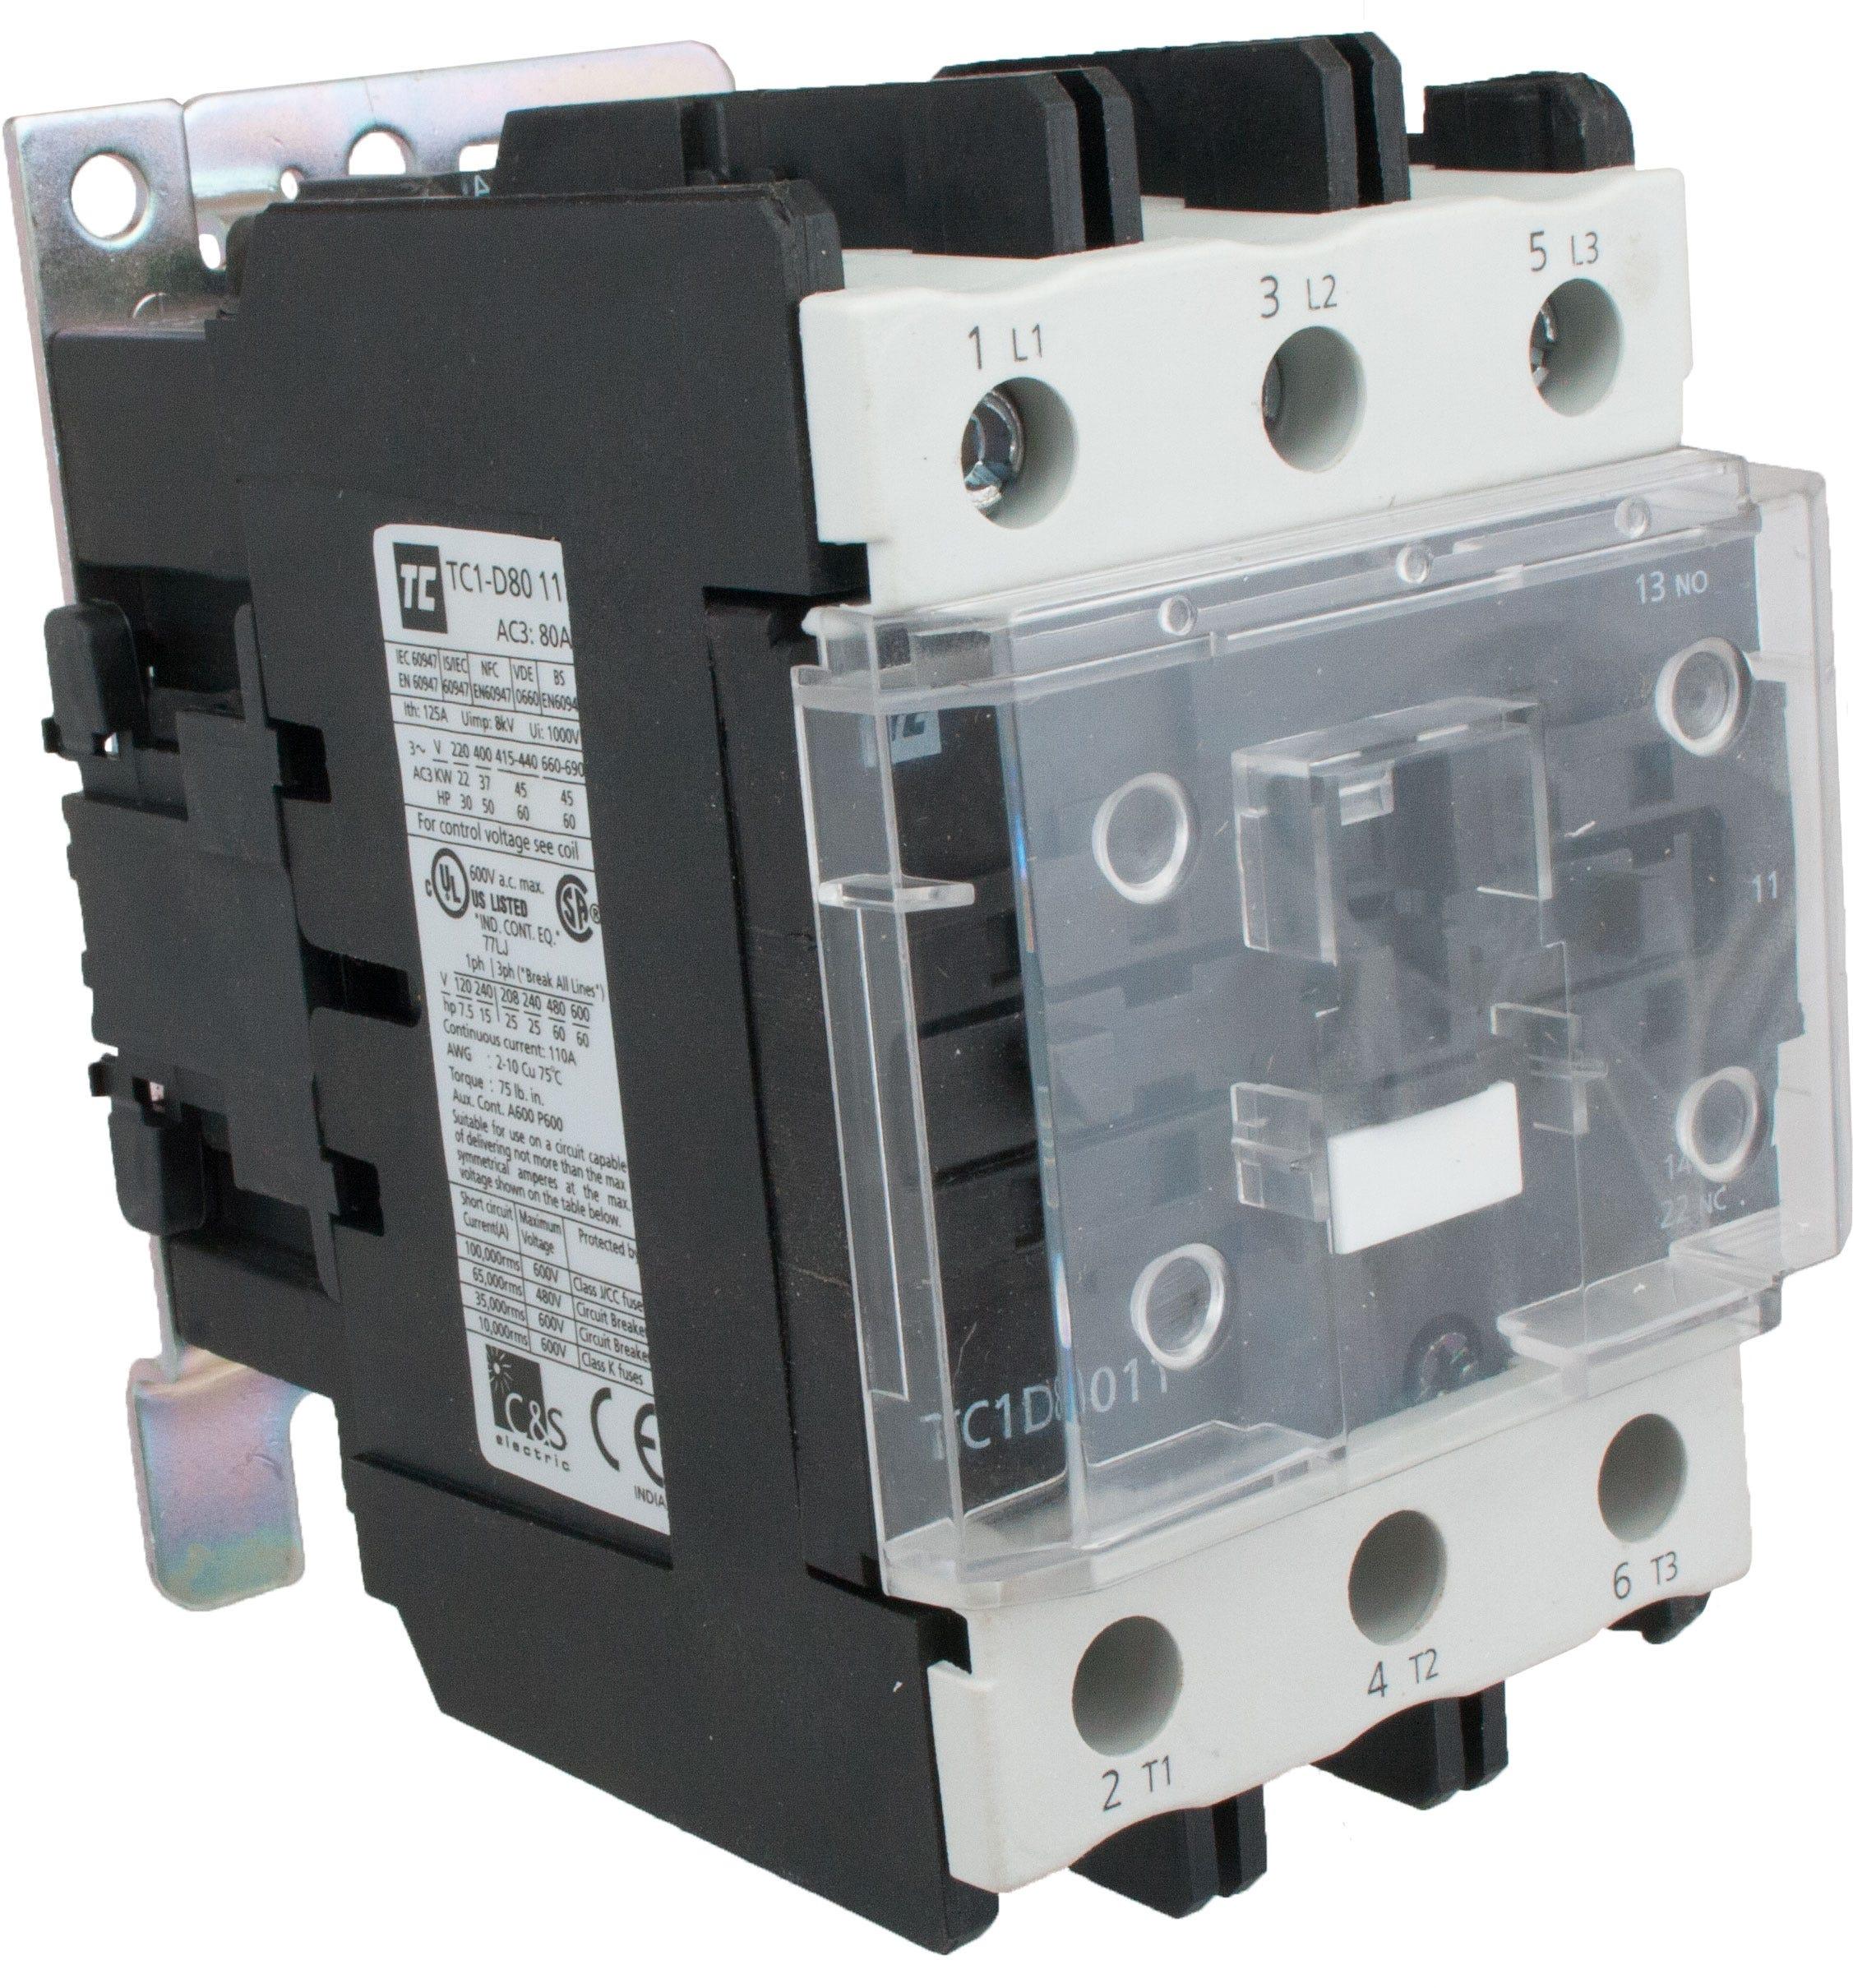 3 Pole Contactor 80 Amp 1 N O C 240 Volt Ac Coil Tc1d8011u7 220 22 Fuses Breaker Box Elecdirect